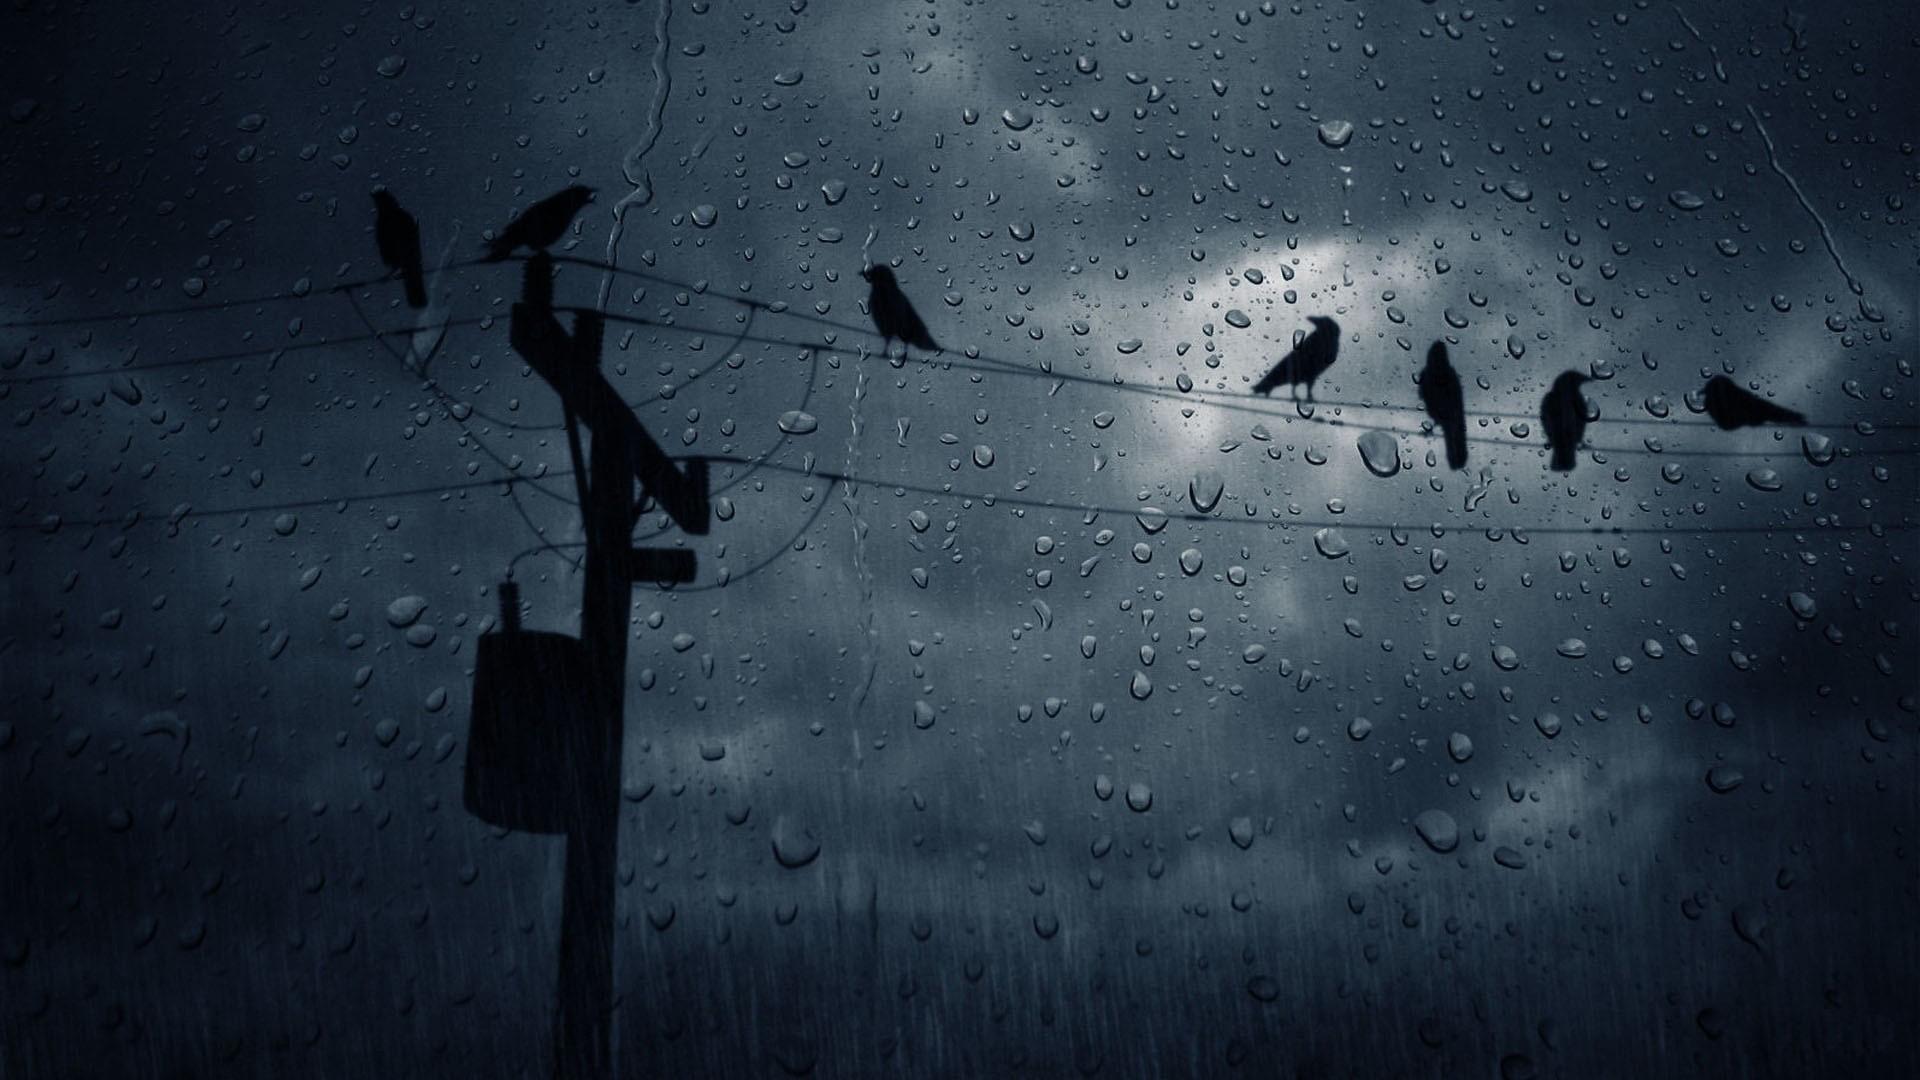 rain_ver2_by_linkingeek.jpg